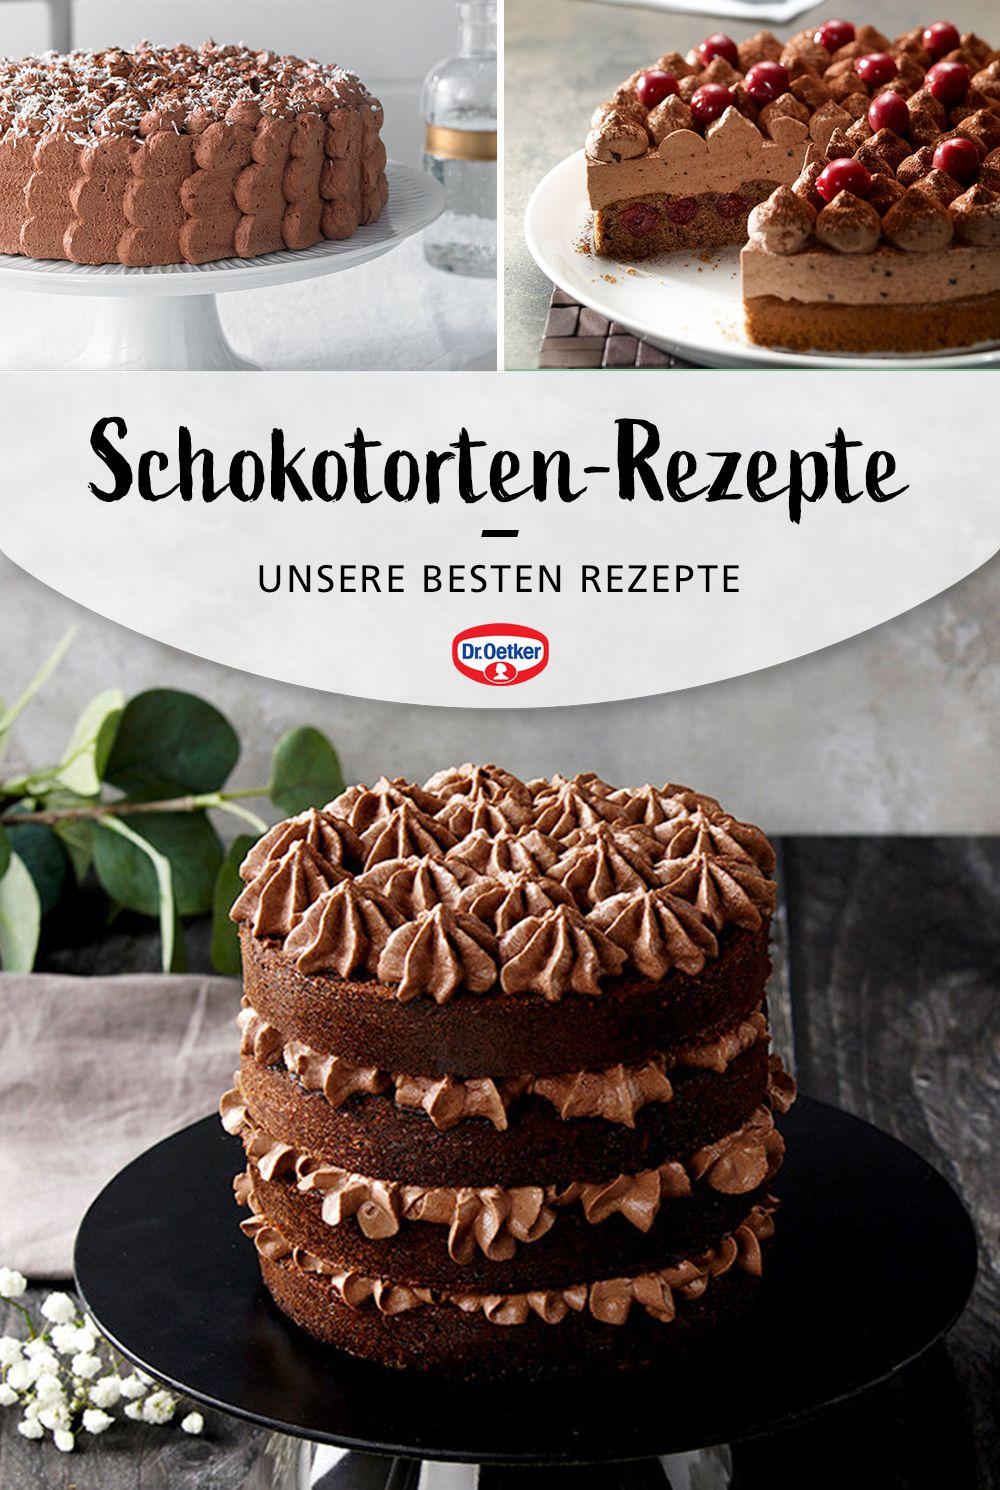 fd96dd4b6d47739e3211a54e41b9d9ba - Schokoladentorten Rezepte